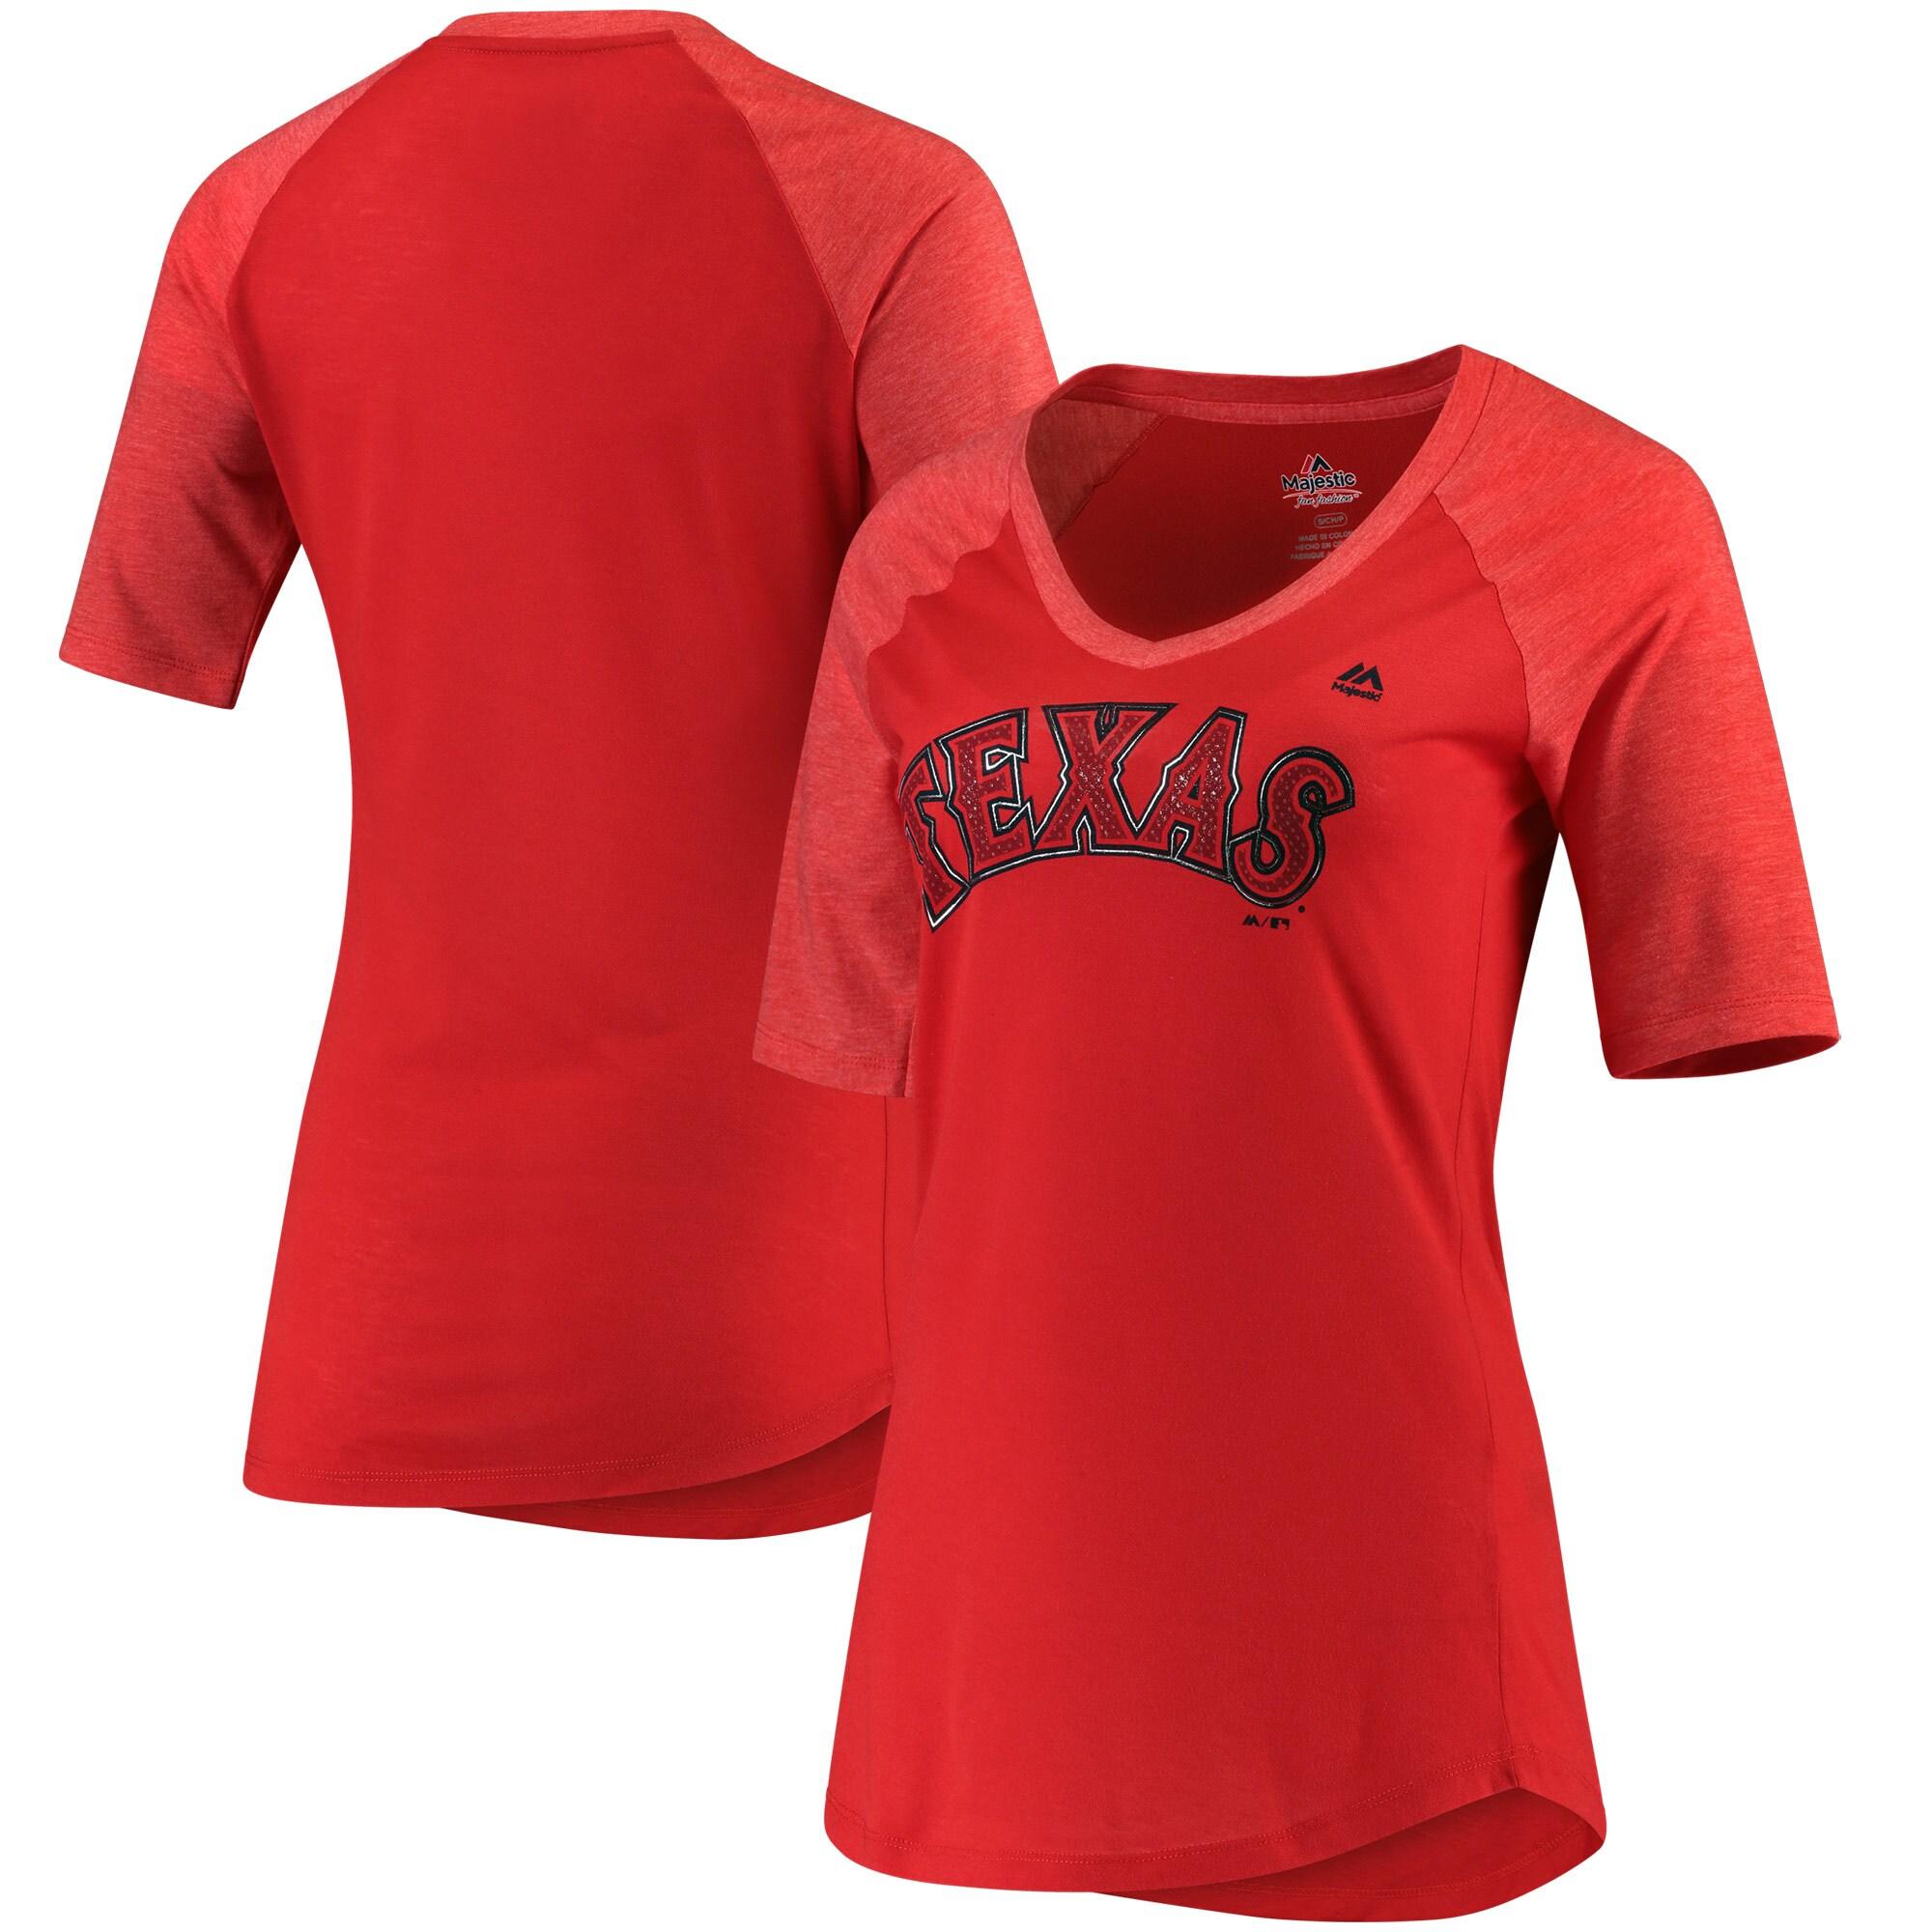 Texas Rangers Majestic Women's Quick Hands Raglan Half-Sleeve T-Shirt - Red